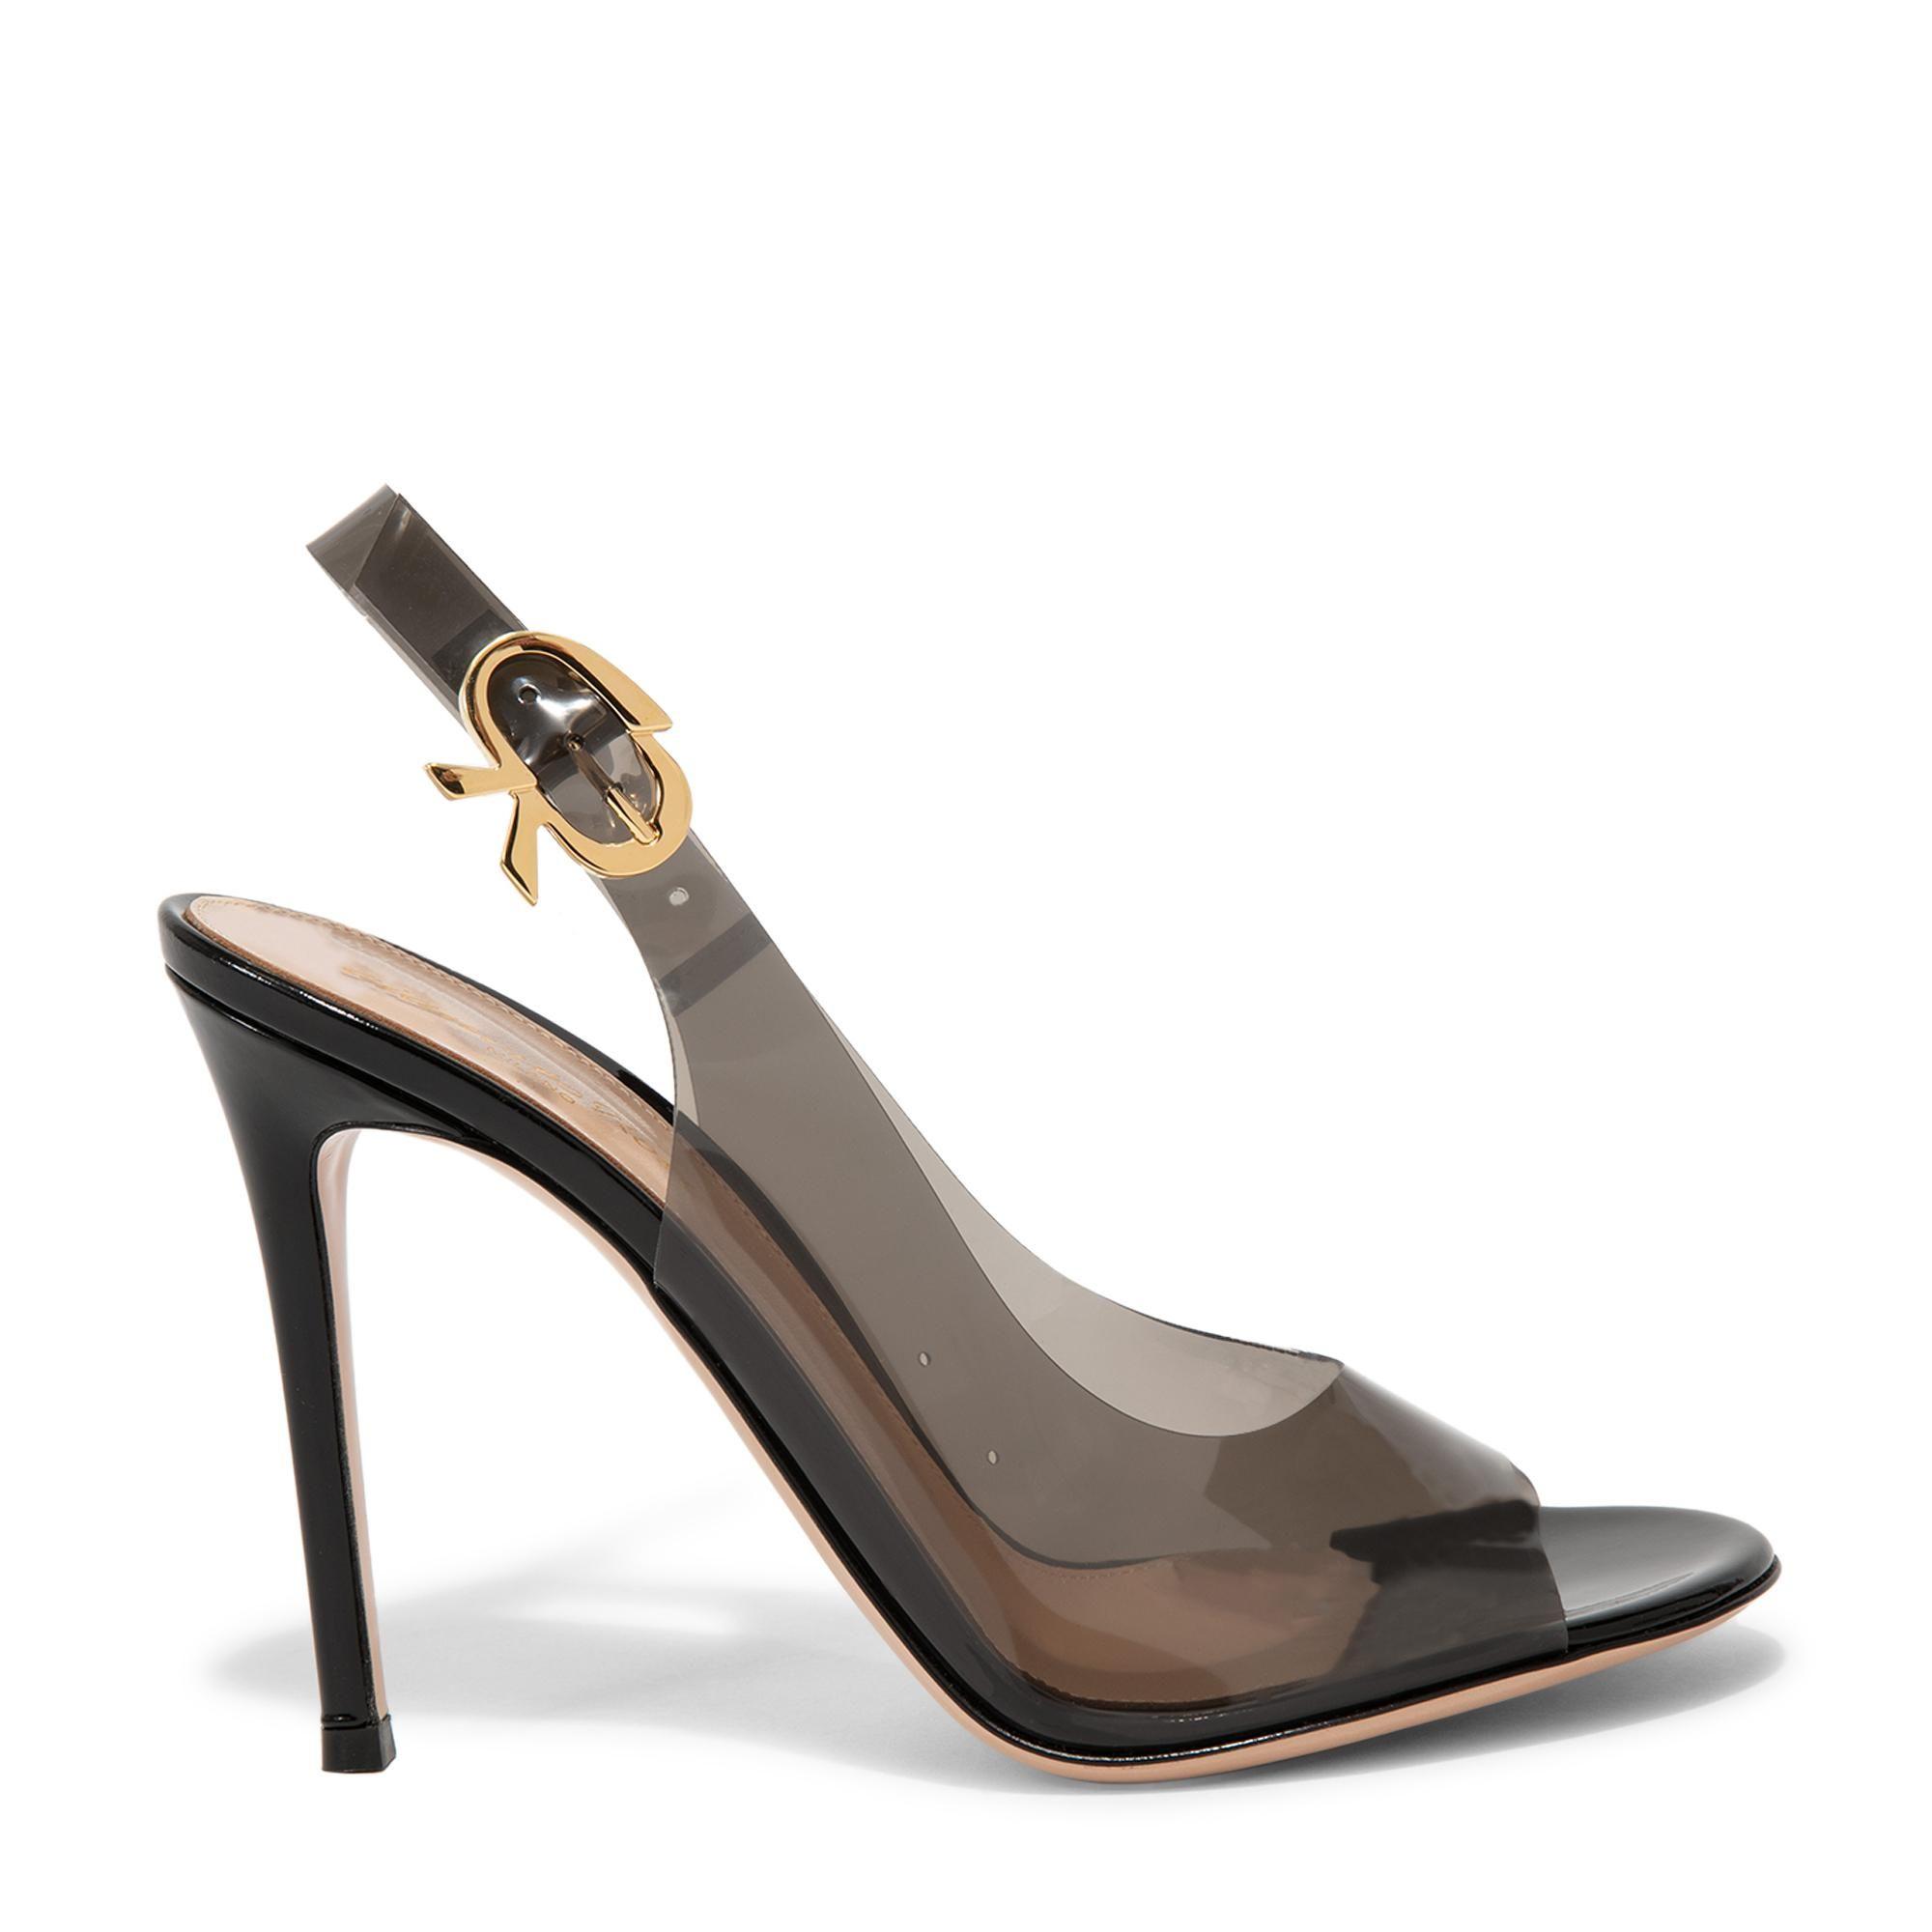 حذاء عالٍ من مادة البولي فينيل كلوريد بفتحة أمامية صغيرة